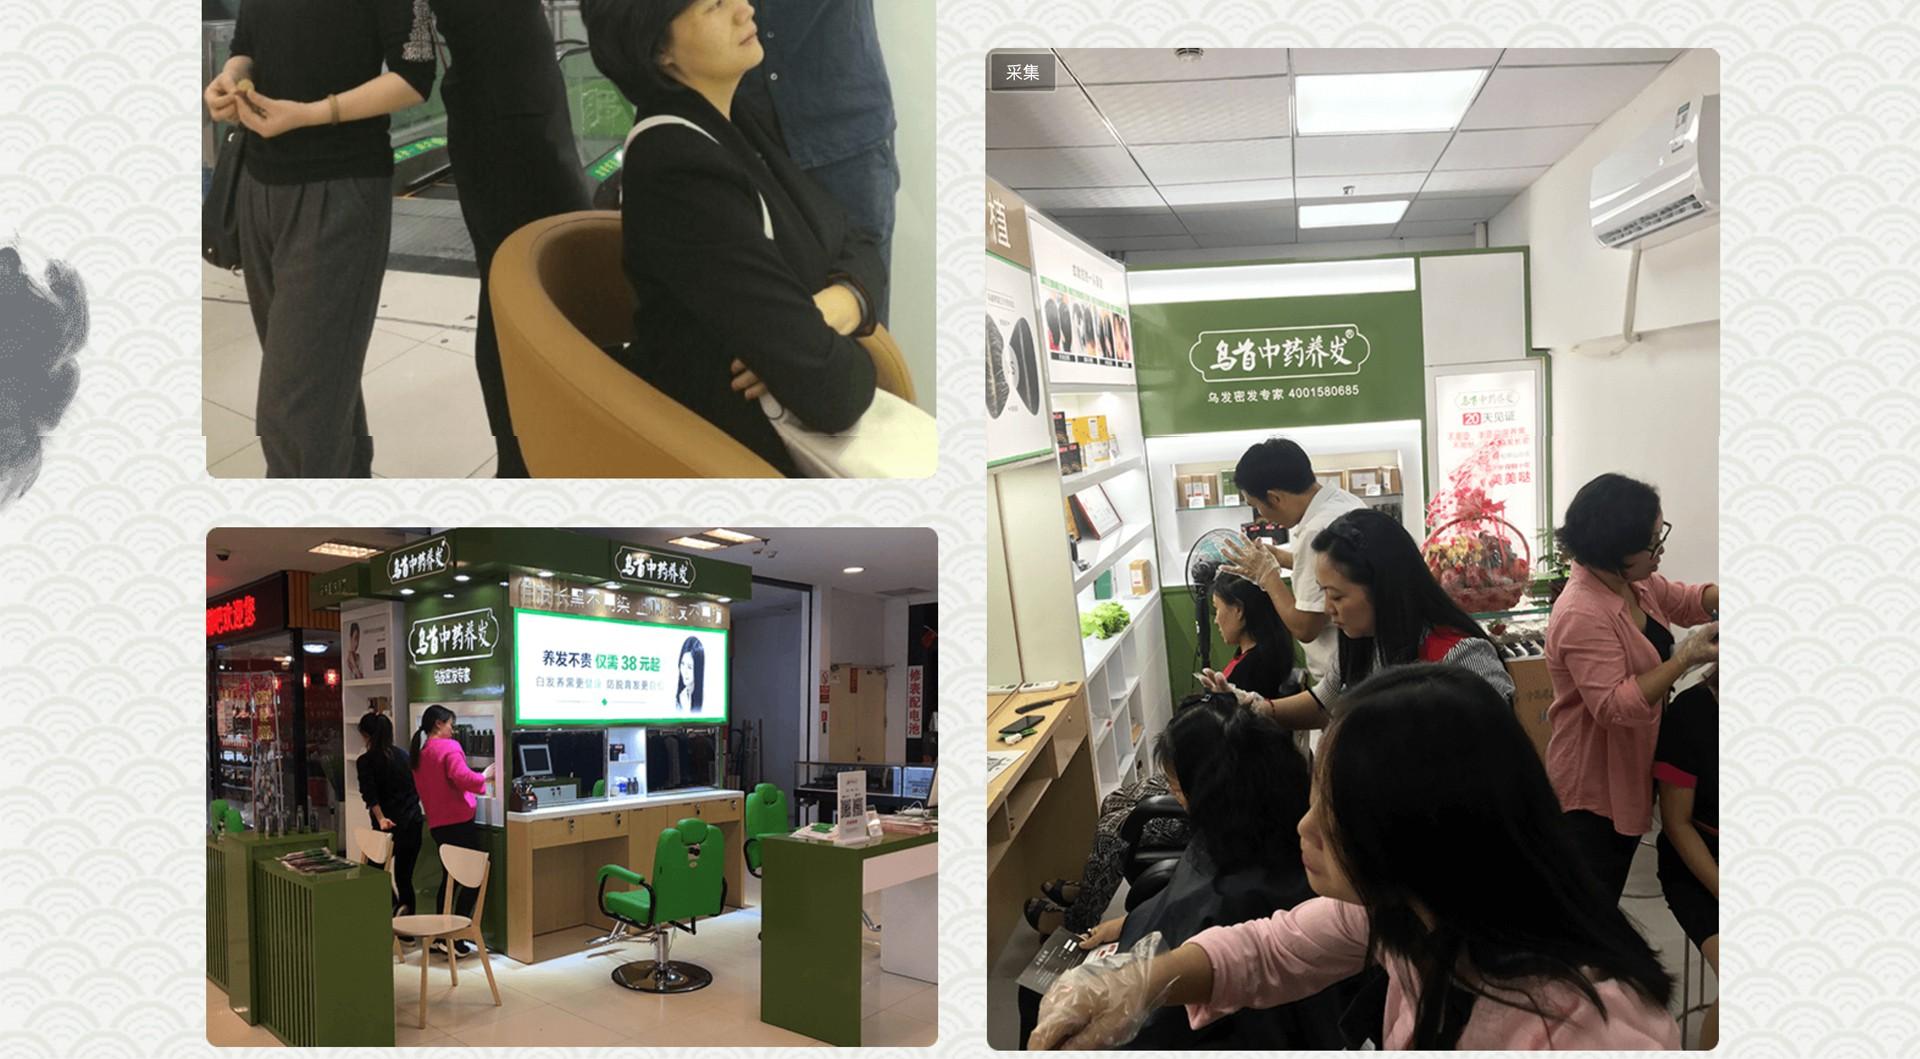 保健加盟-聚焦头皮健康共享创业商机-找加盟就上小宝招商